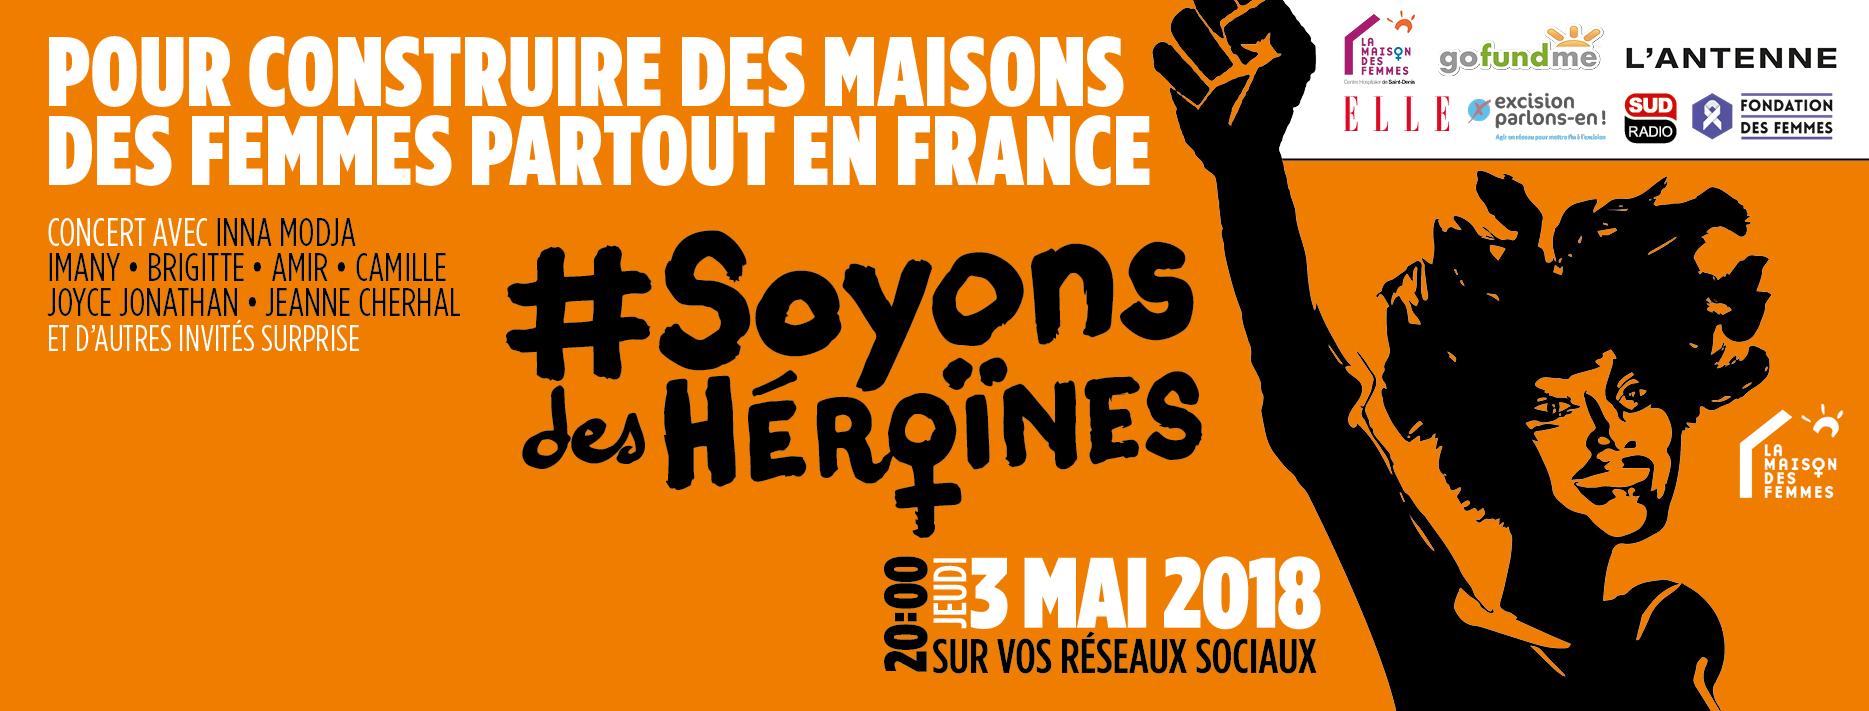 """Premier concert en live et connecté sur les réseaux sociaux, """"Le concert des Héroïnes"""" ❗ #3mai #20h00-23h00"""